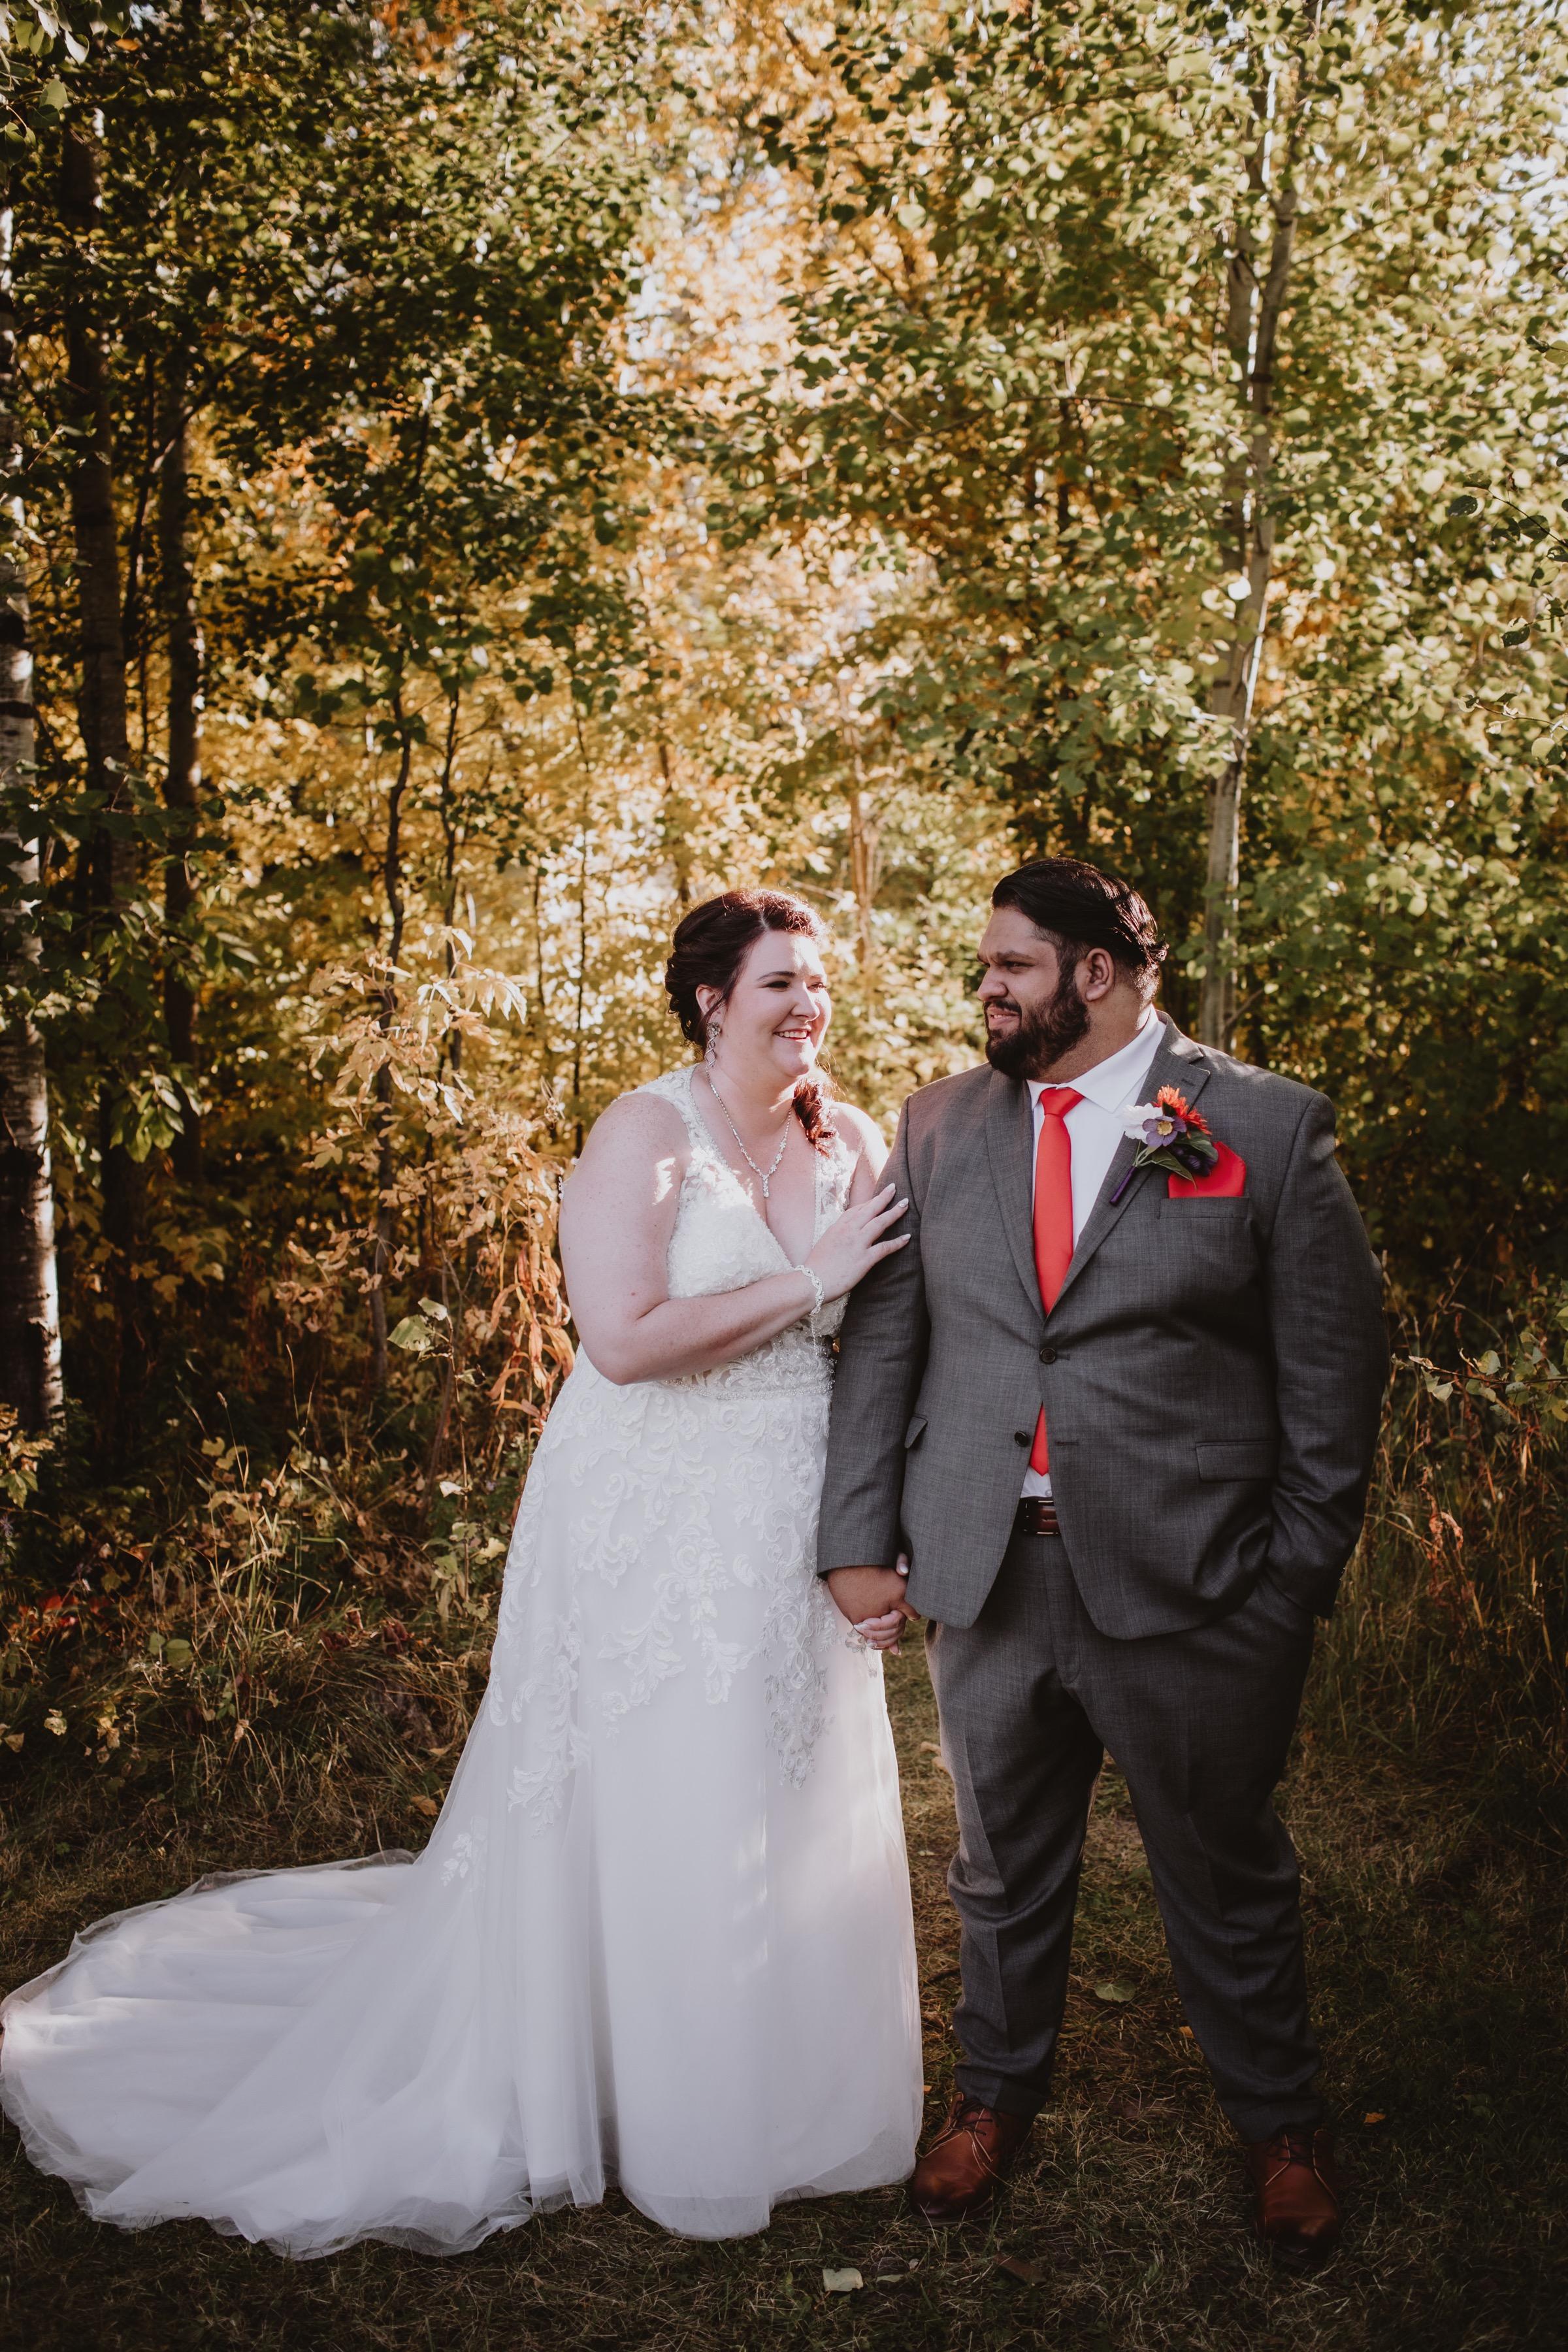 Wedding Couple in Golden Hour